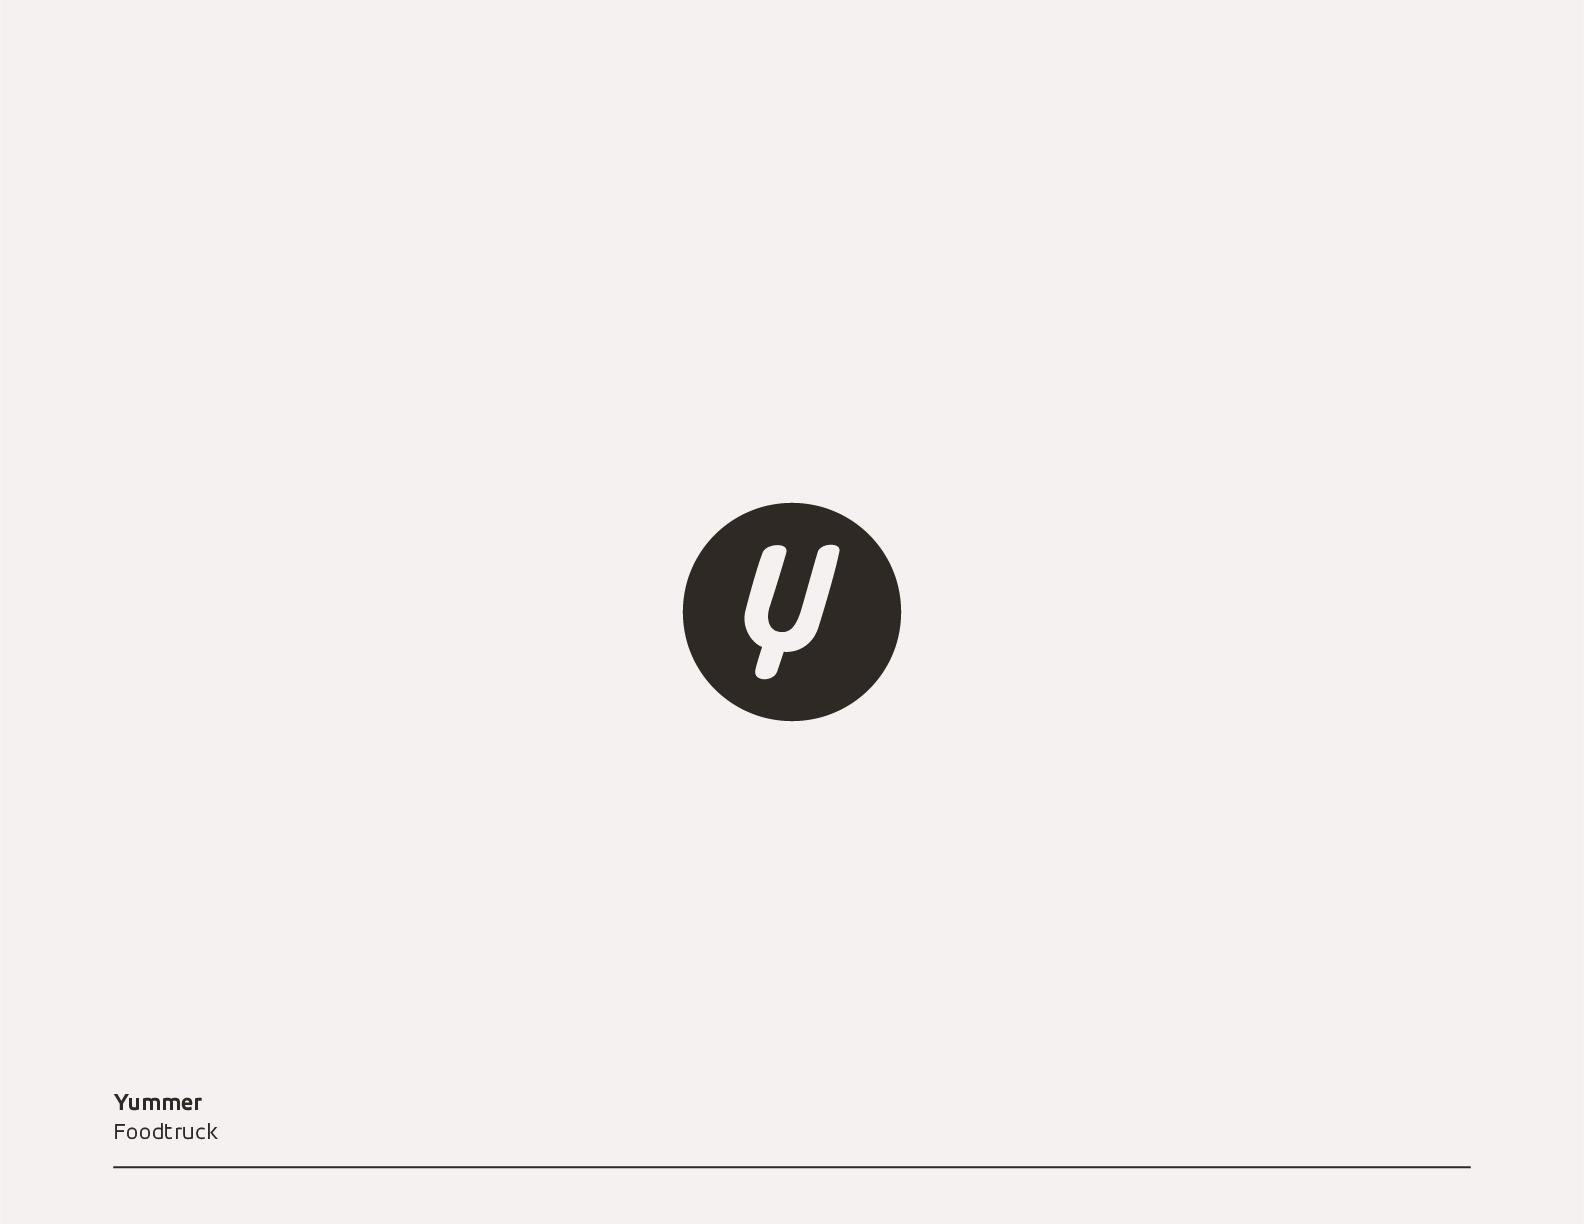 フードトラックのロゴ提案例